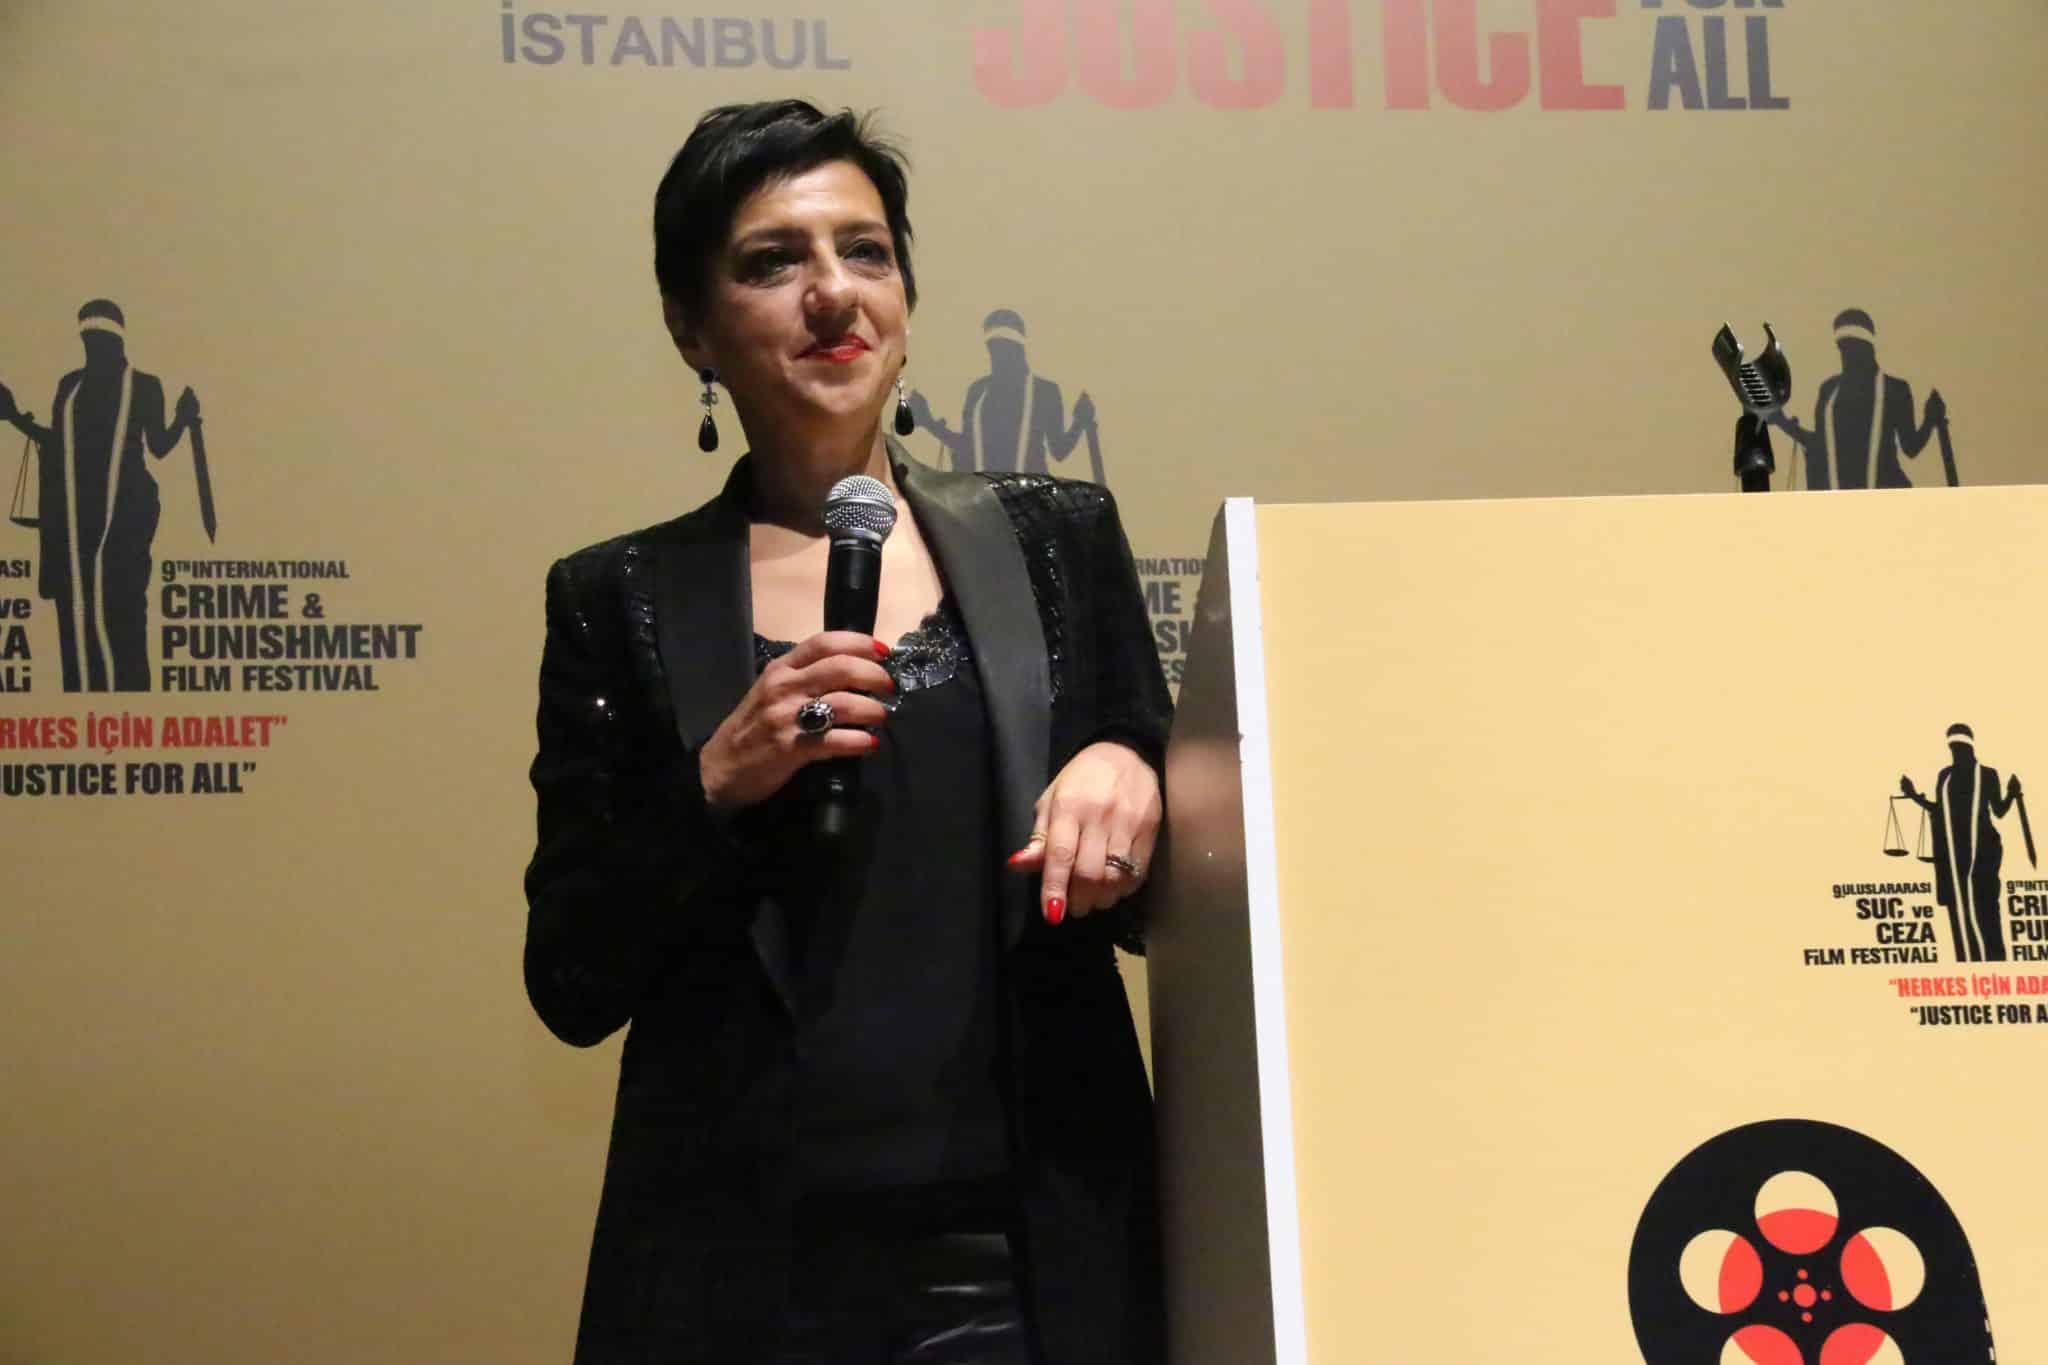 Bengi Semerci: Bu film festivaline gücümüz yettiğince devam edeceğiz